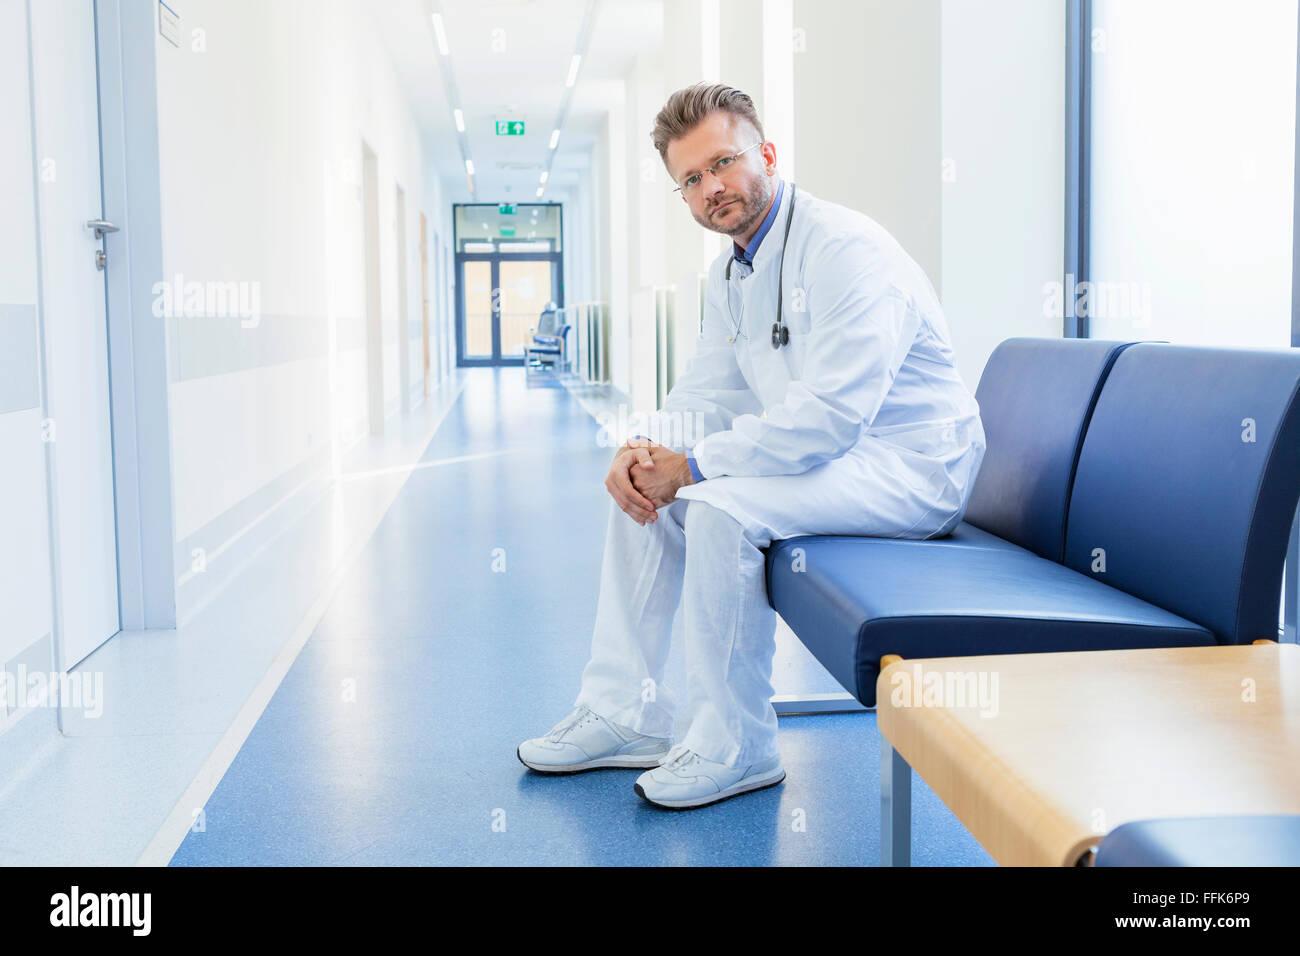 Médico toma un descanso sentado en el corredor del hospital Imagen De Stock